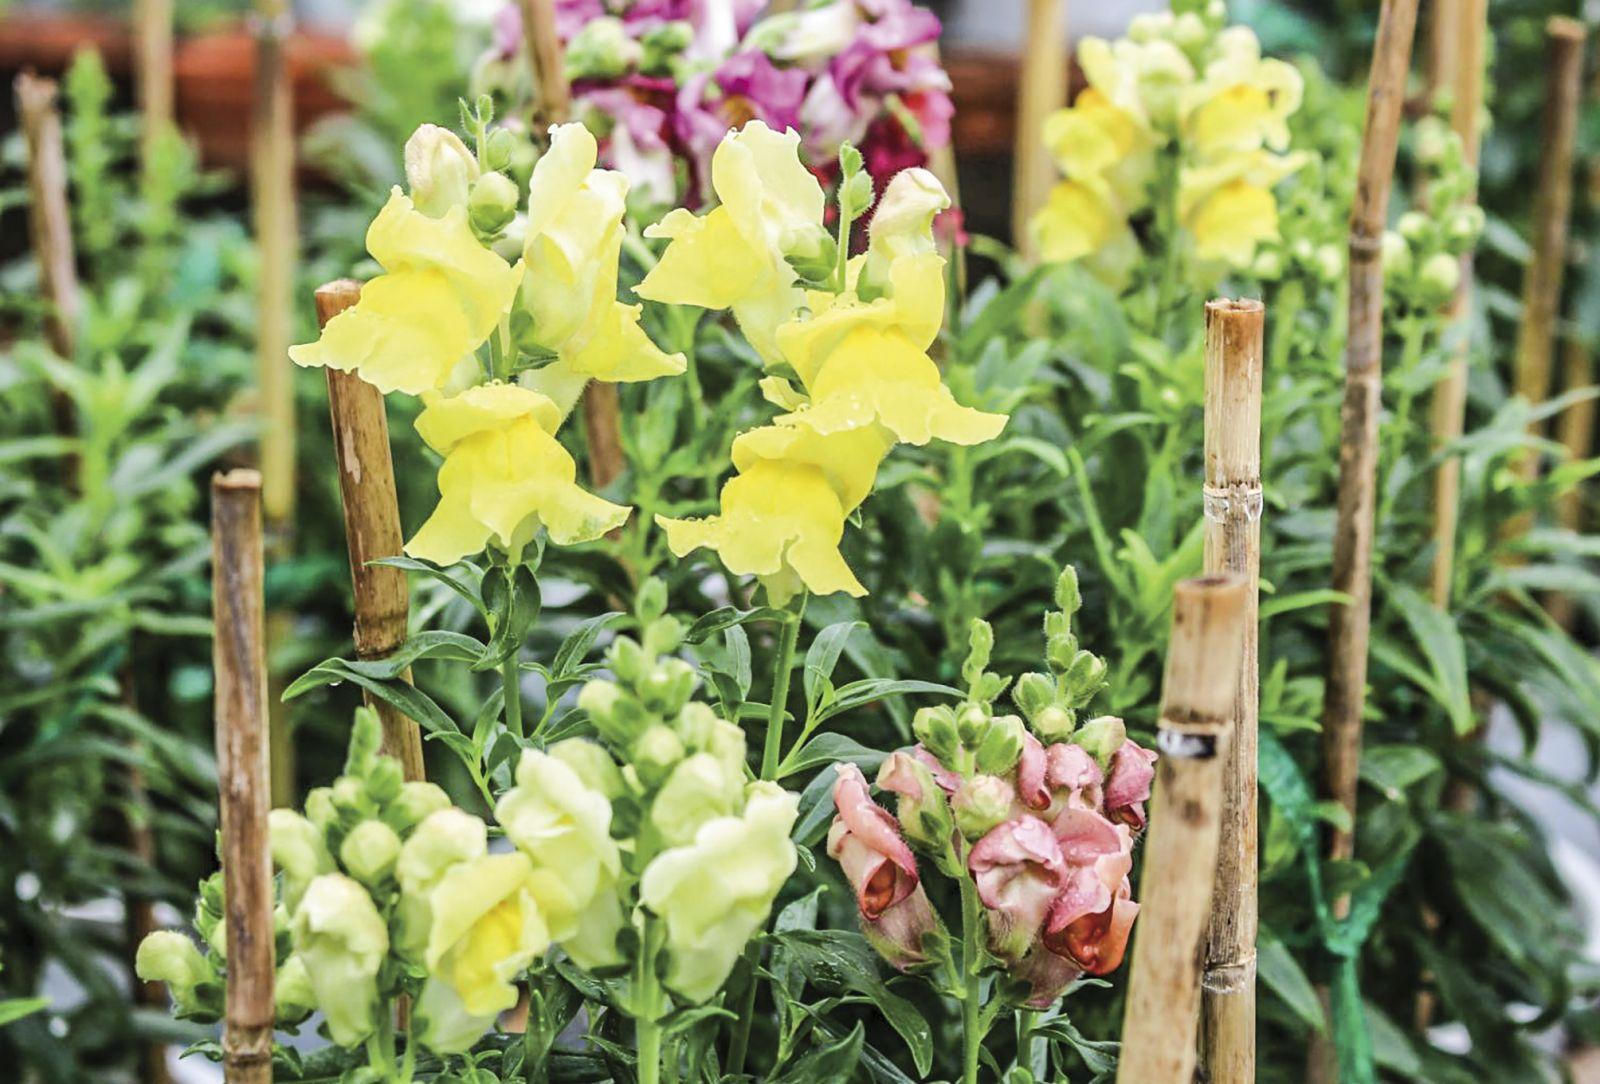 Những loại hoa mới được HTX hoa kiểng Phó Thọ đầu tư sản xuất trong dịp Tết Mậu Tuất và đầu năm 2018. Ảnh: HÀ VĂN